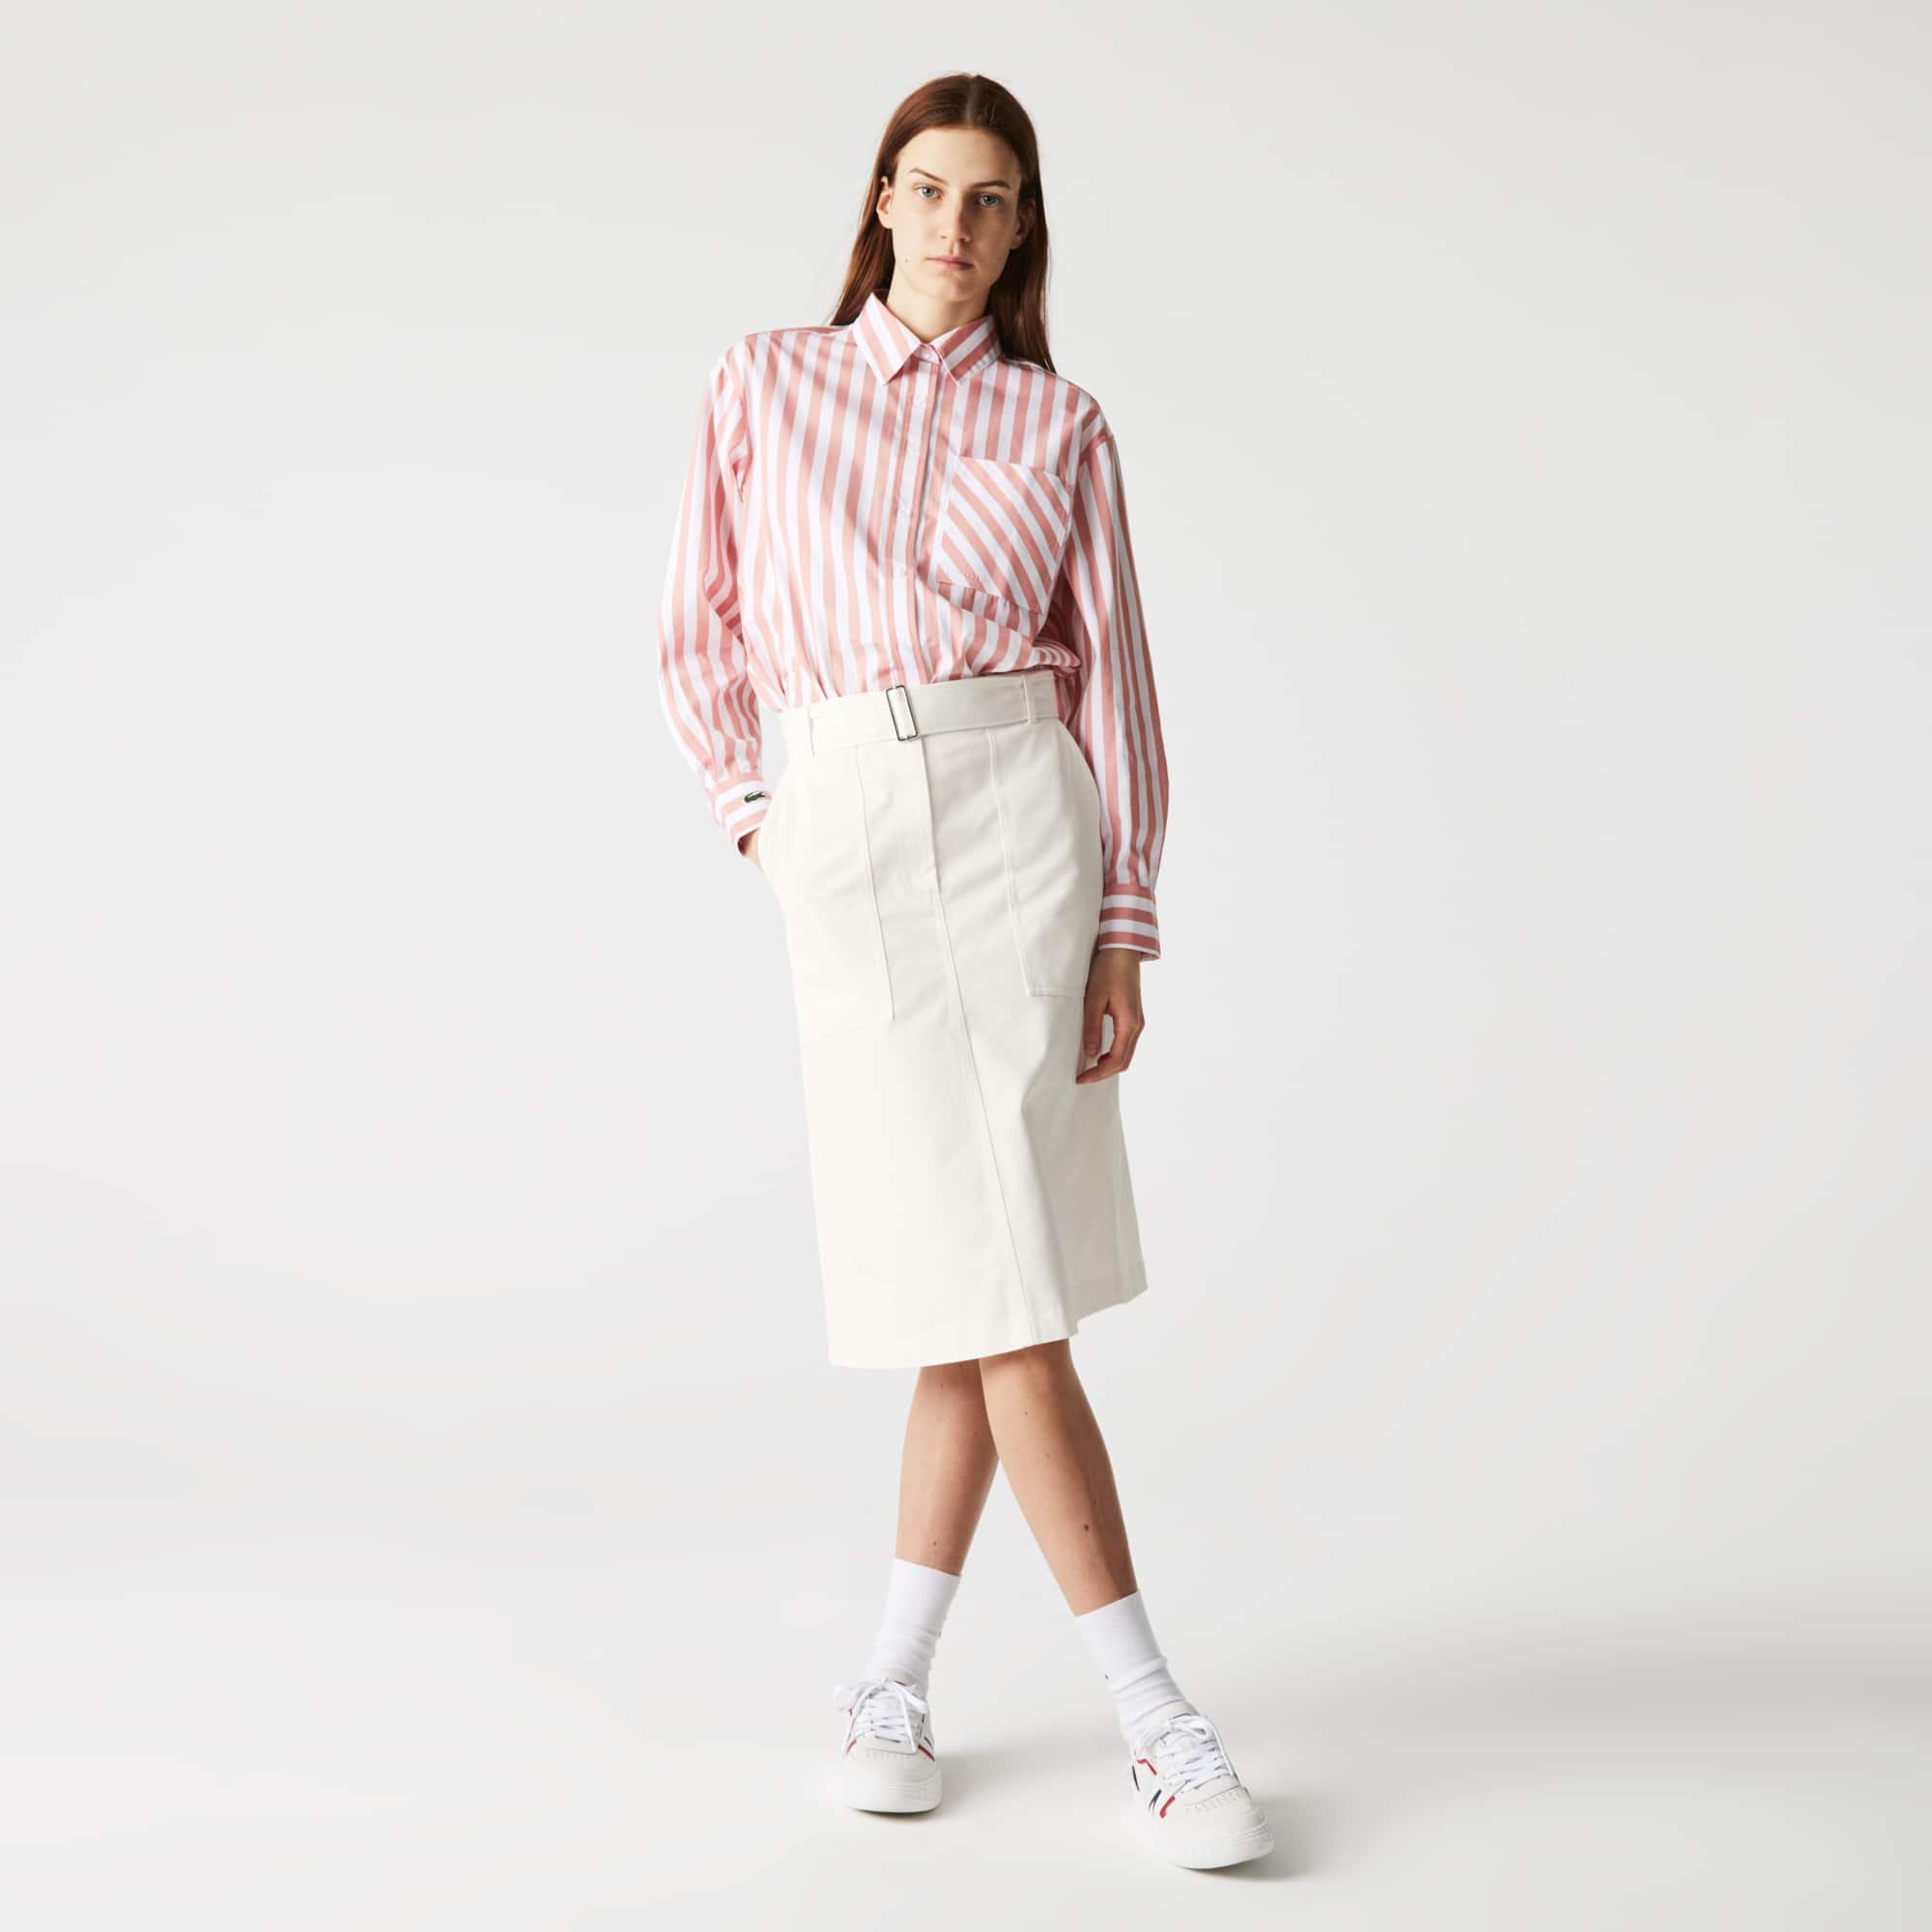 라코스테 스커트 Lacoste Women's High-Waisted Mid-Length Cotton Skirt,White 70V